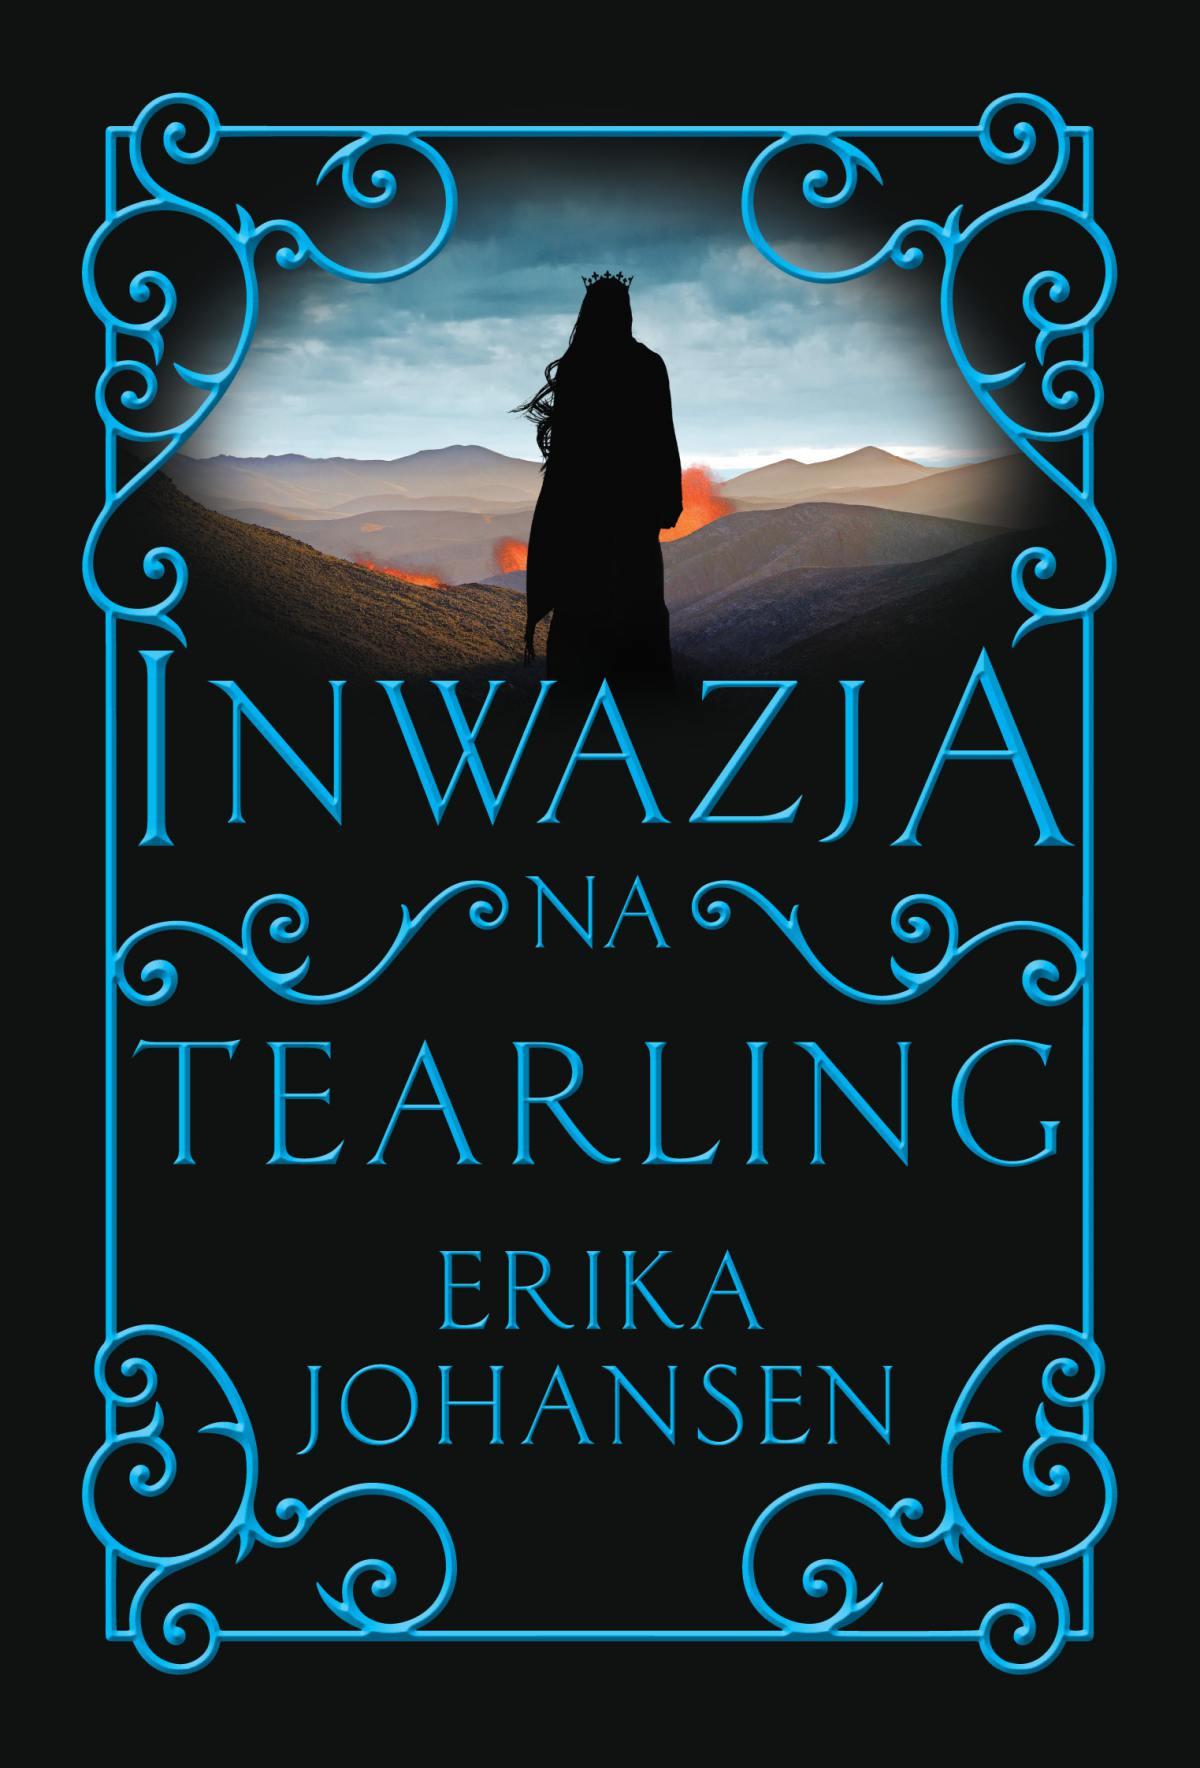 Inwazja na Tearling - Ebook (Książka na Kindle) do pobrania w formacie MOBI